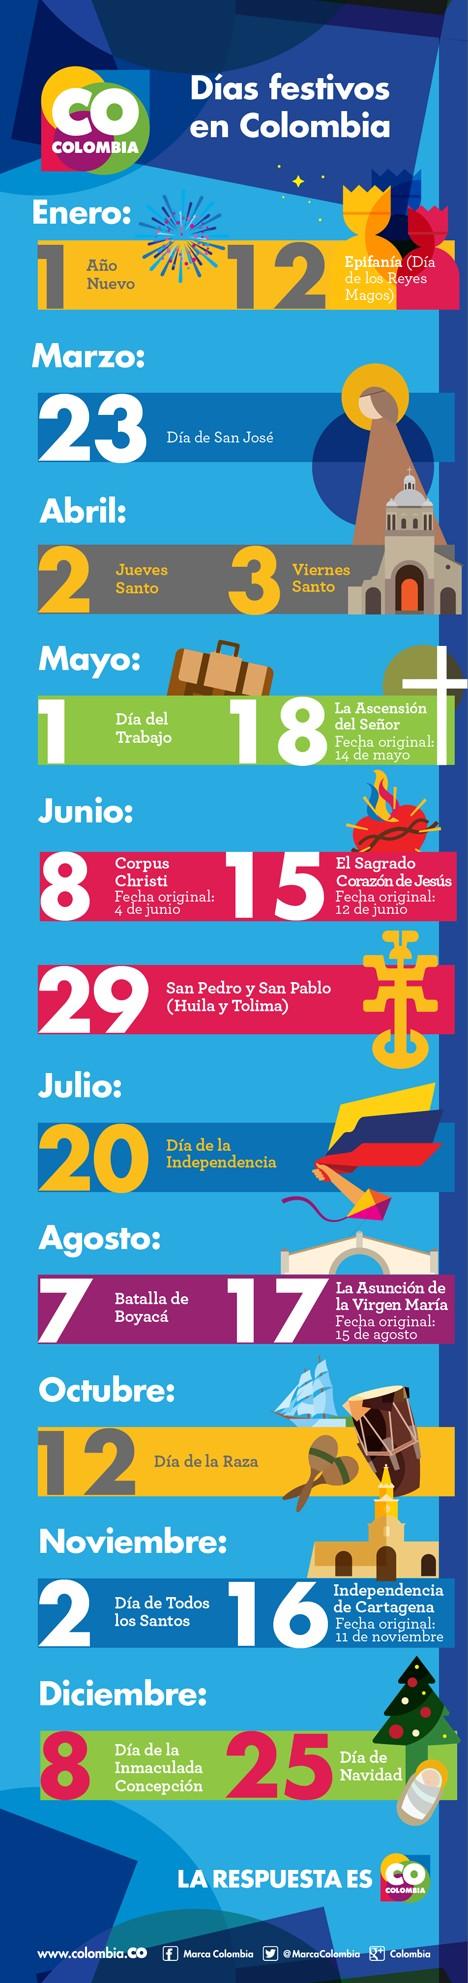 Dias Festivos En Colombia Más Populares Das Festivos En Colombia